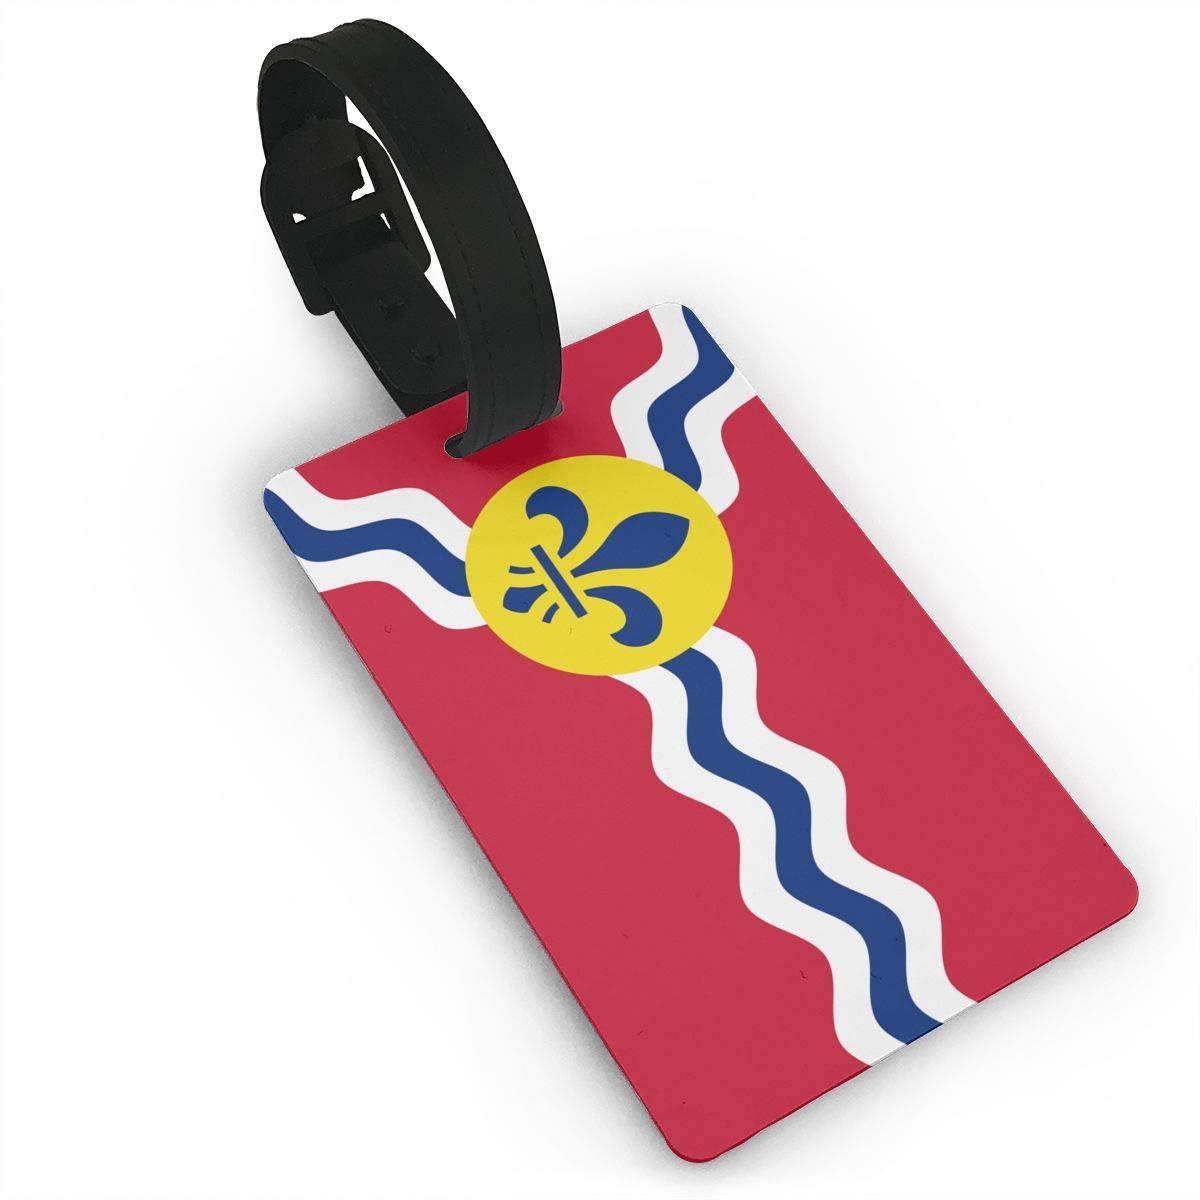 KODW12 セントルイスの旗 ミズーリの荷物タグ トラベルバッグ ラベル スーツケース バッグ タグ 名前 住所カード B07H7YHR6B